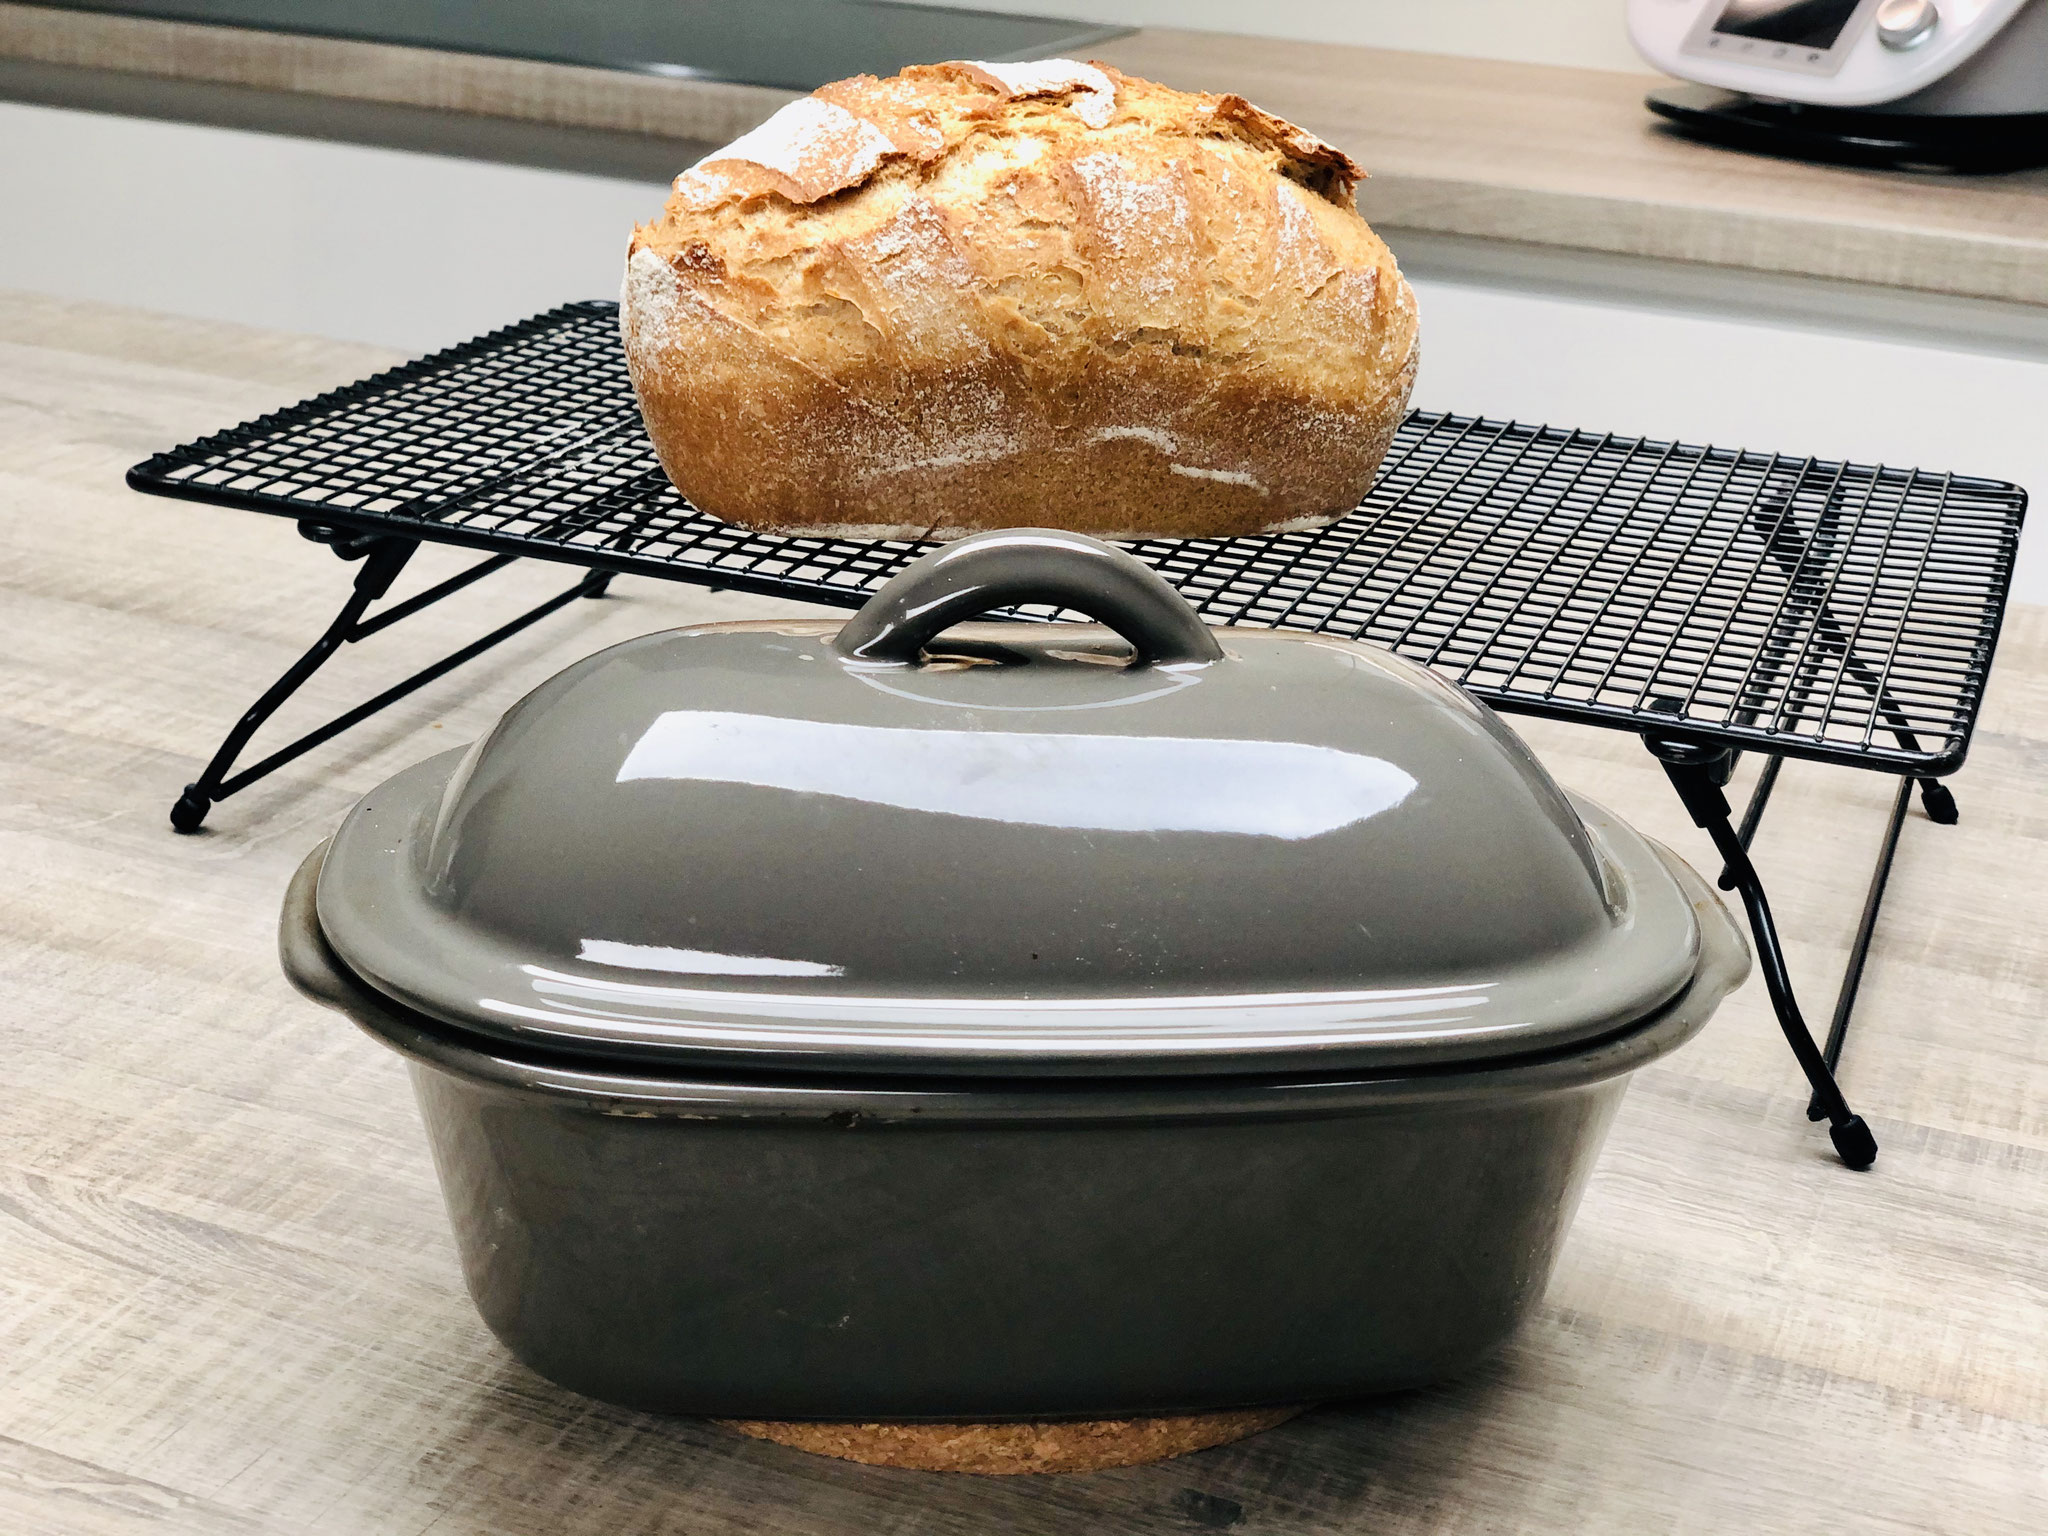 Auf dem Kuchengitter auf Füssen kann das Brot gut rundherum abdampfen